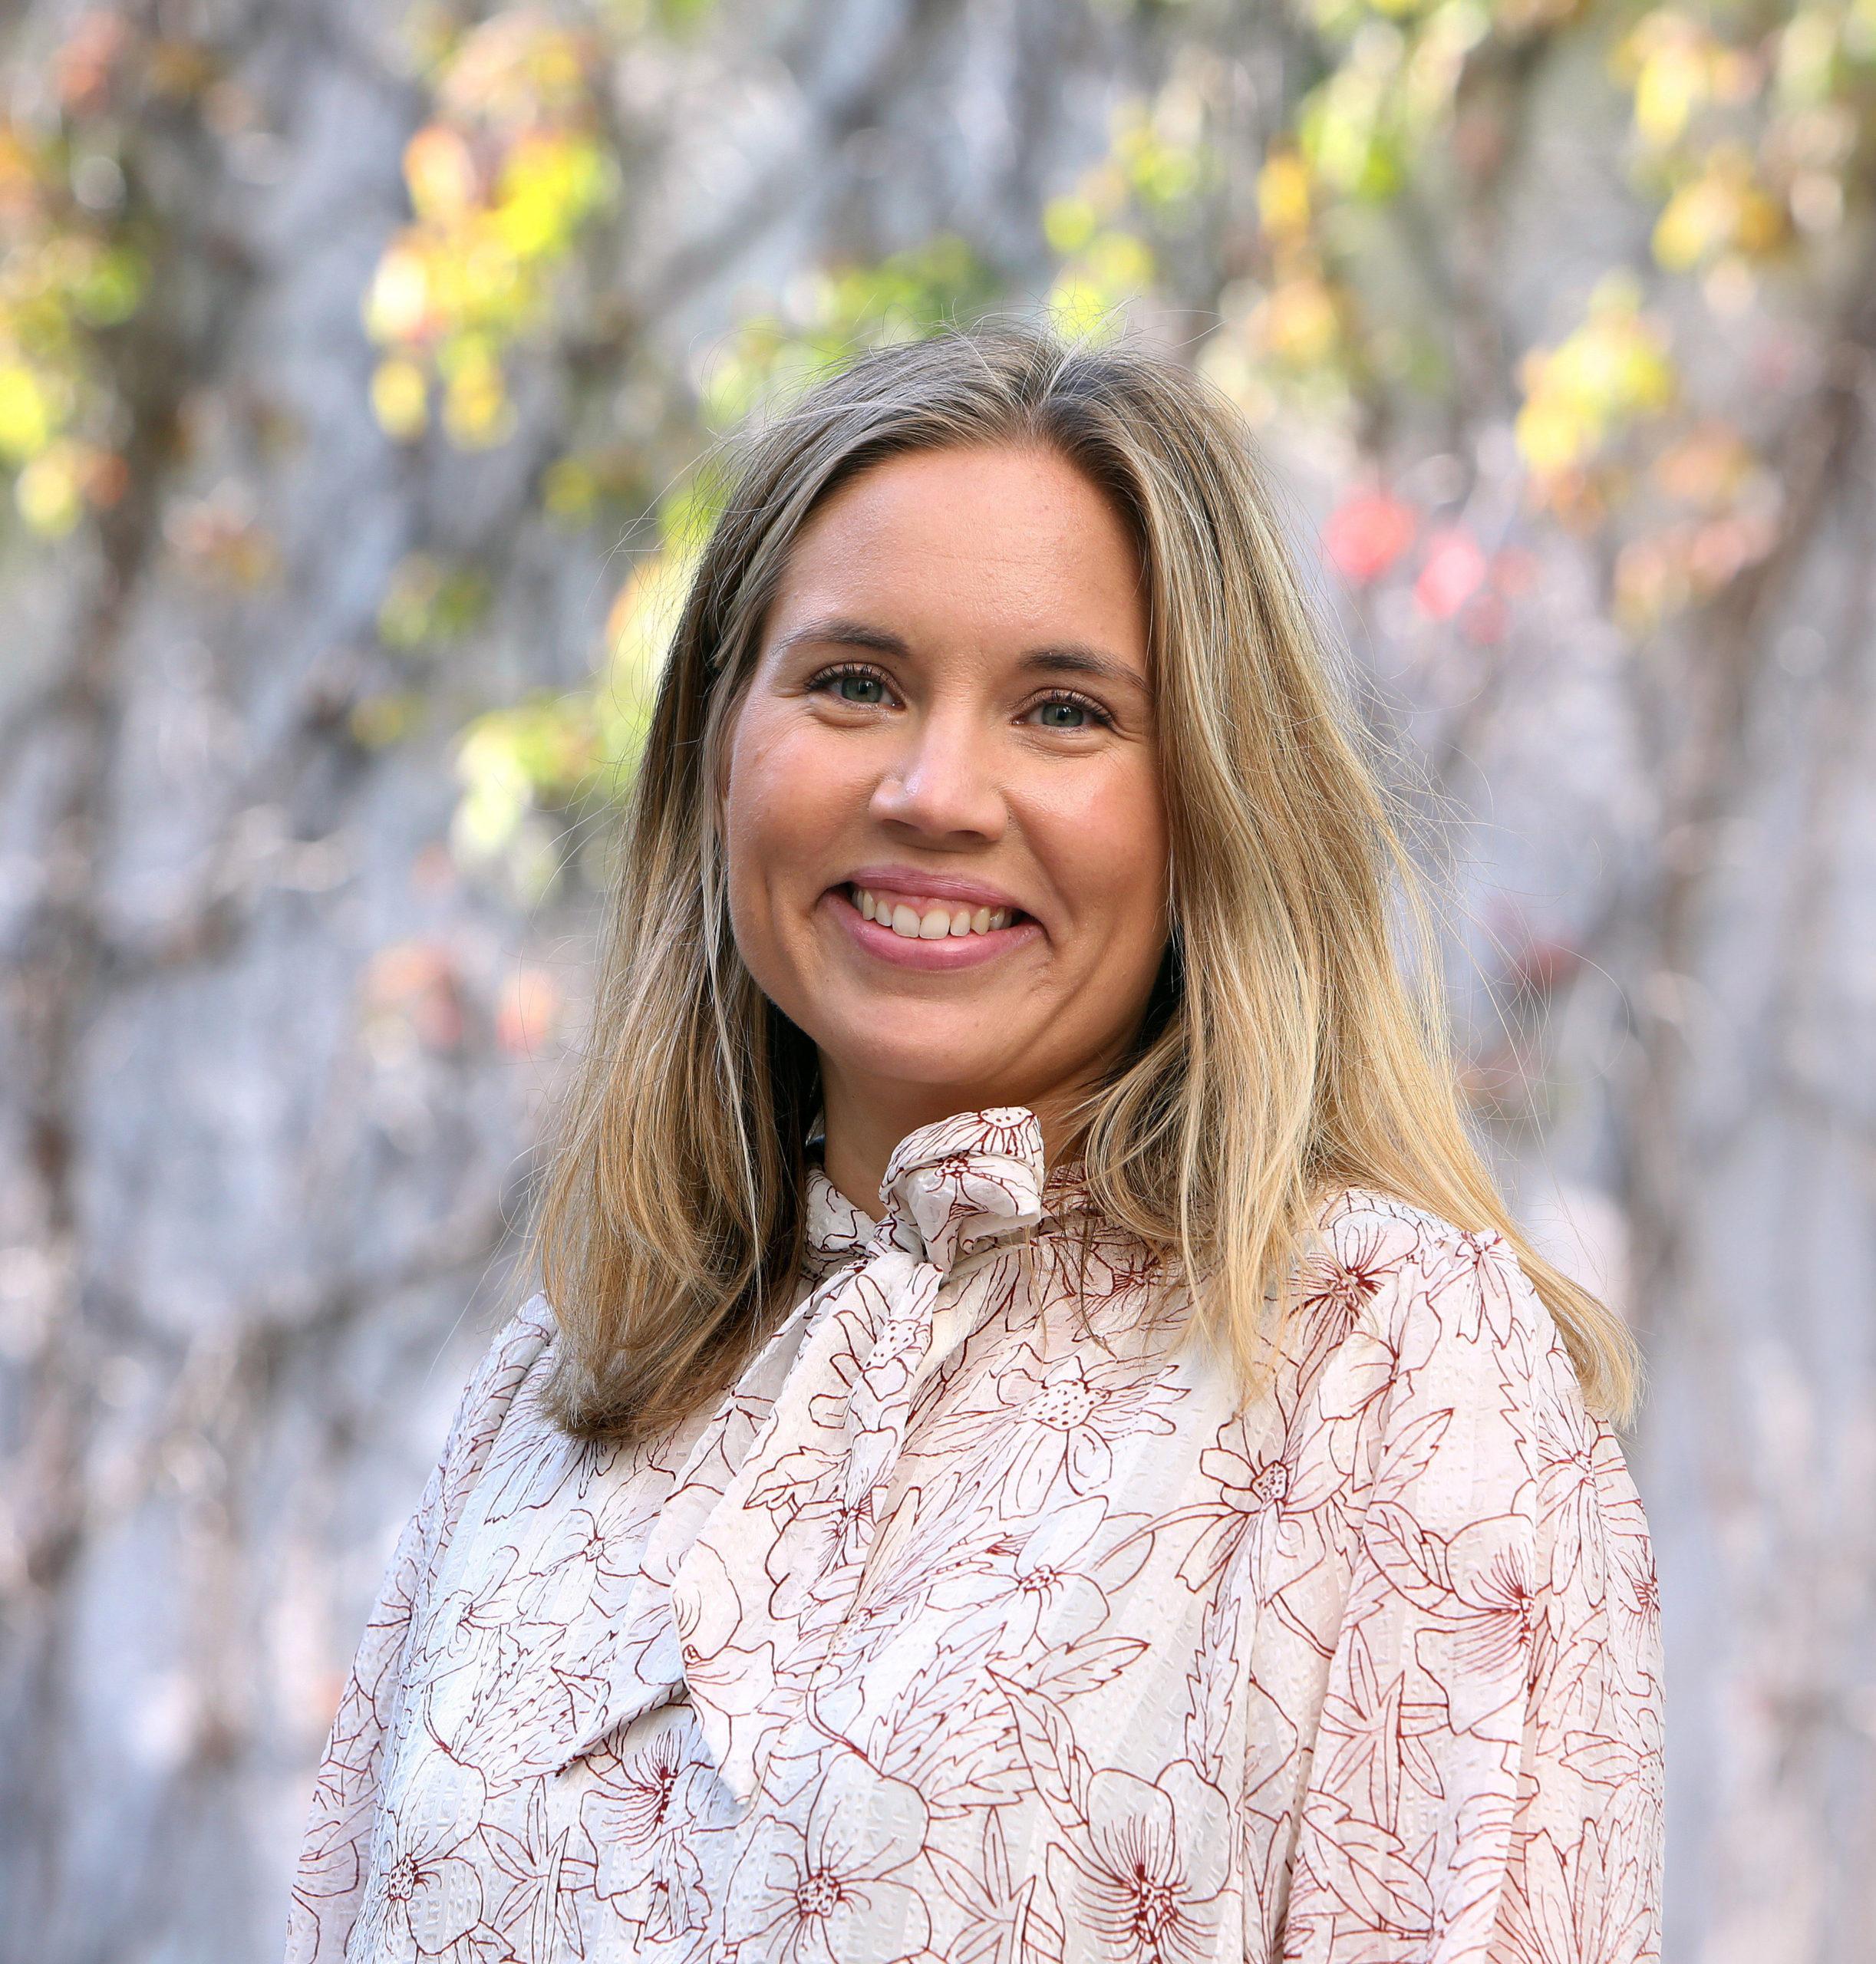 Hanna Ekholm